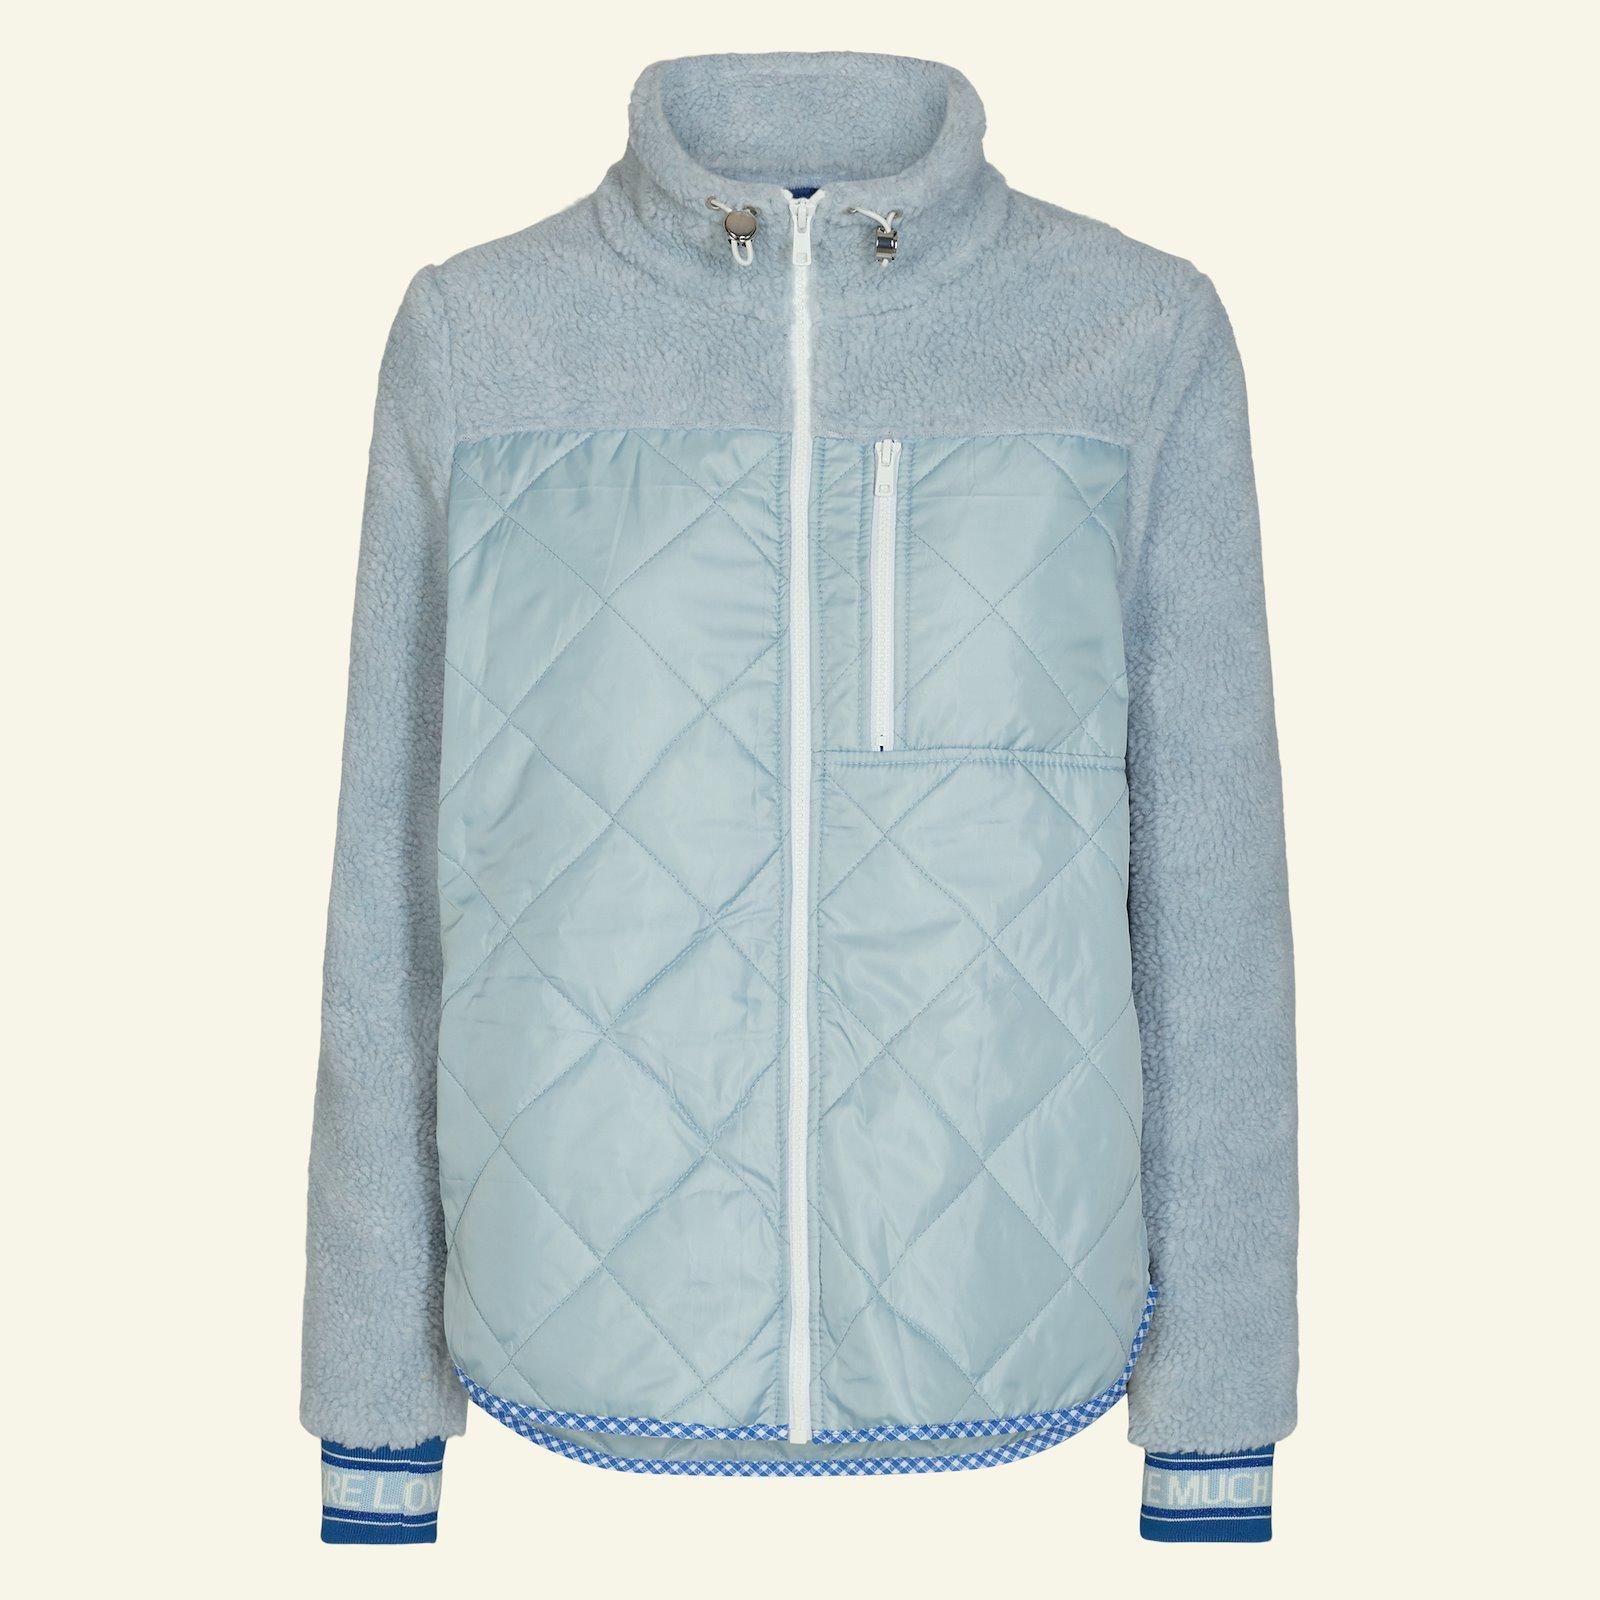 Jacket and waistcoat p24049_910281_920225_96188_sskit